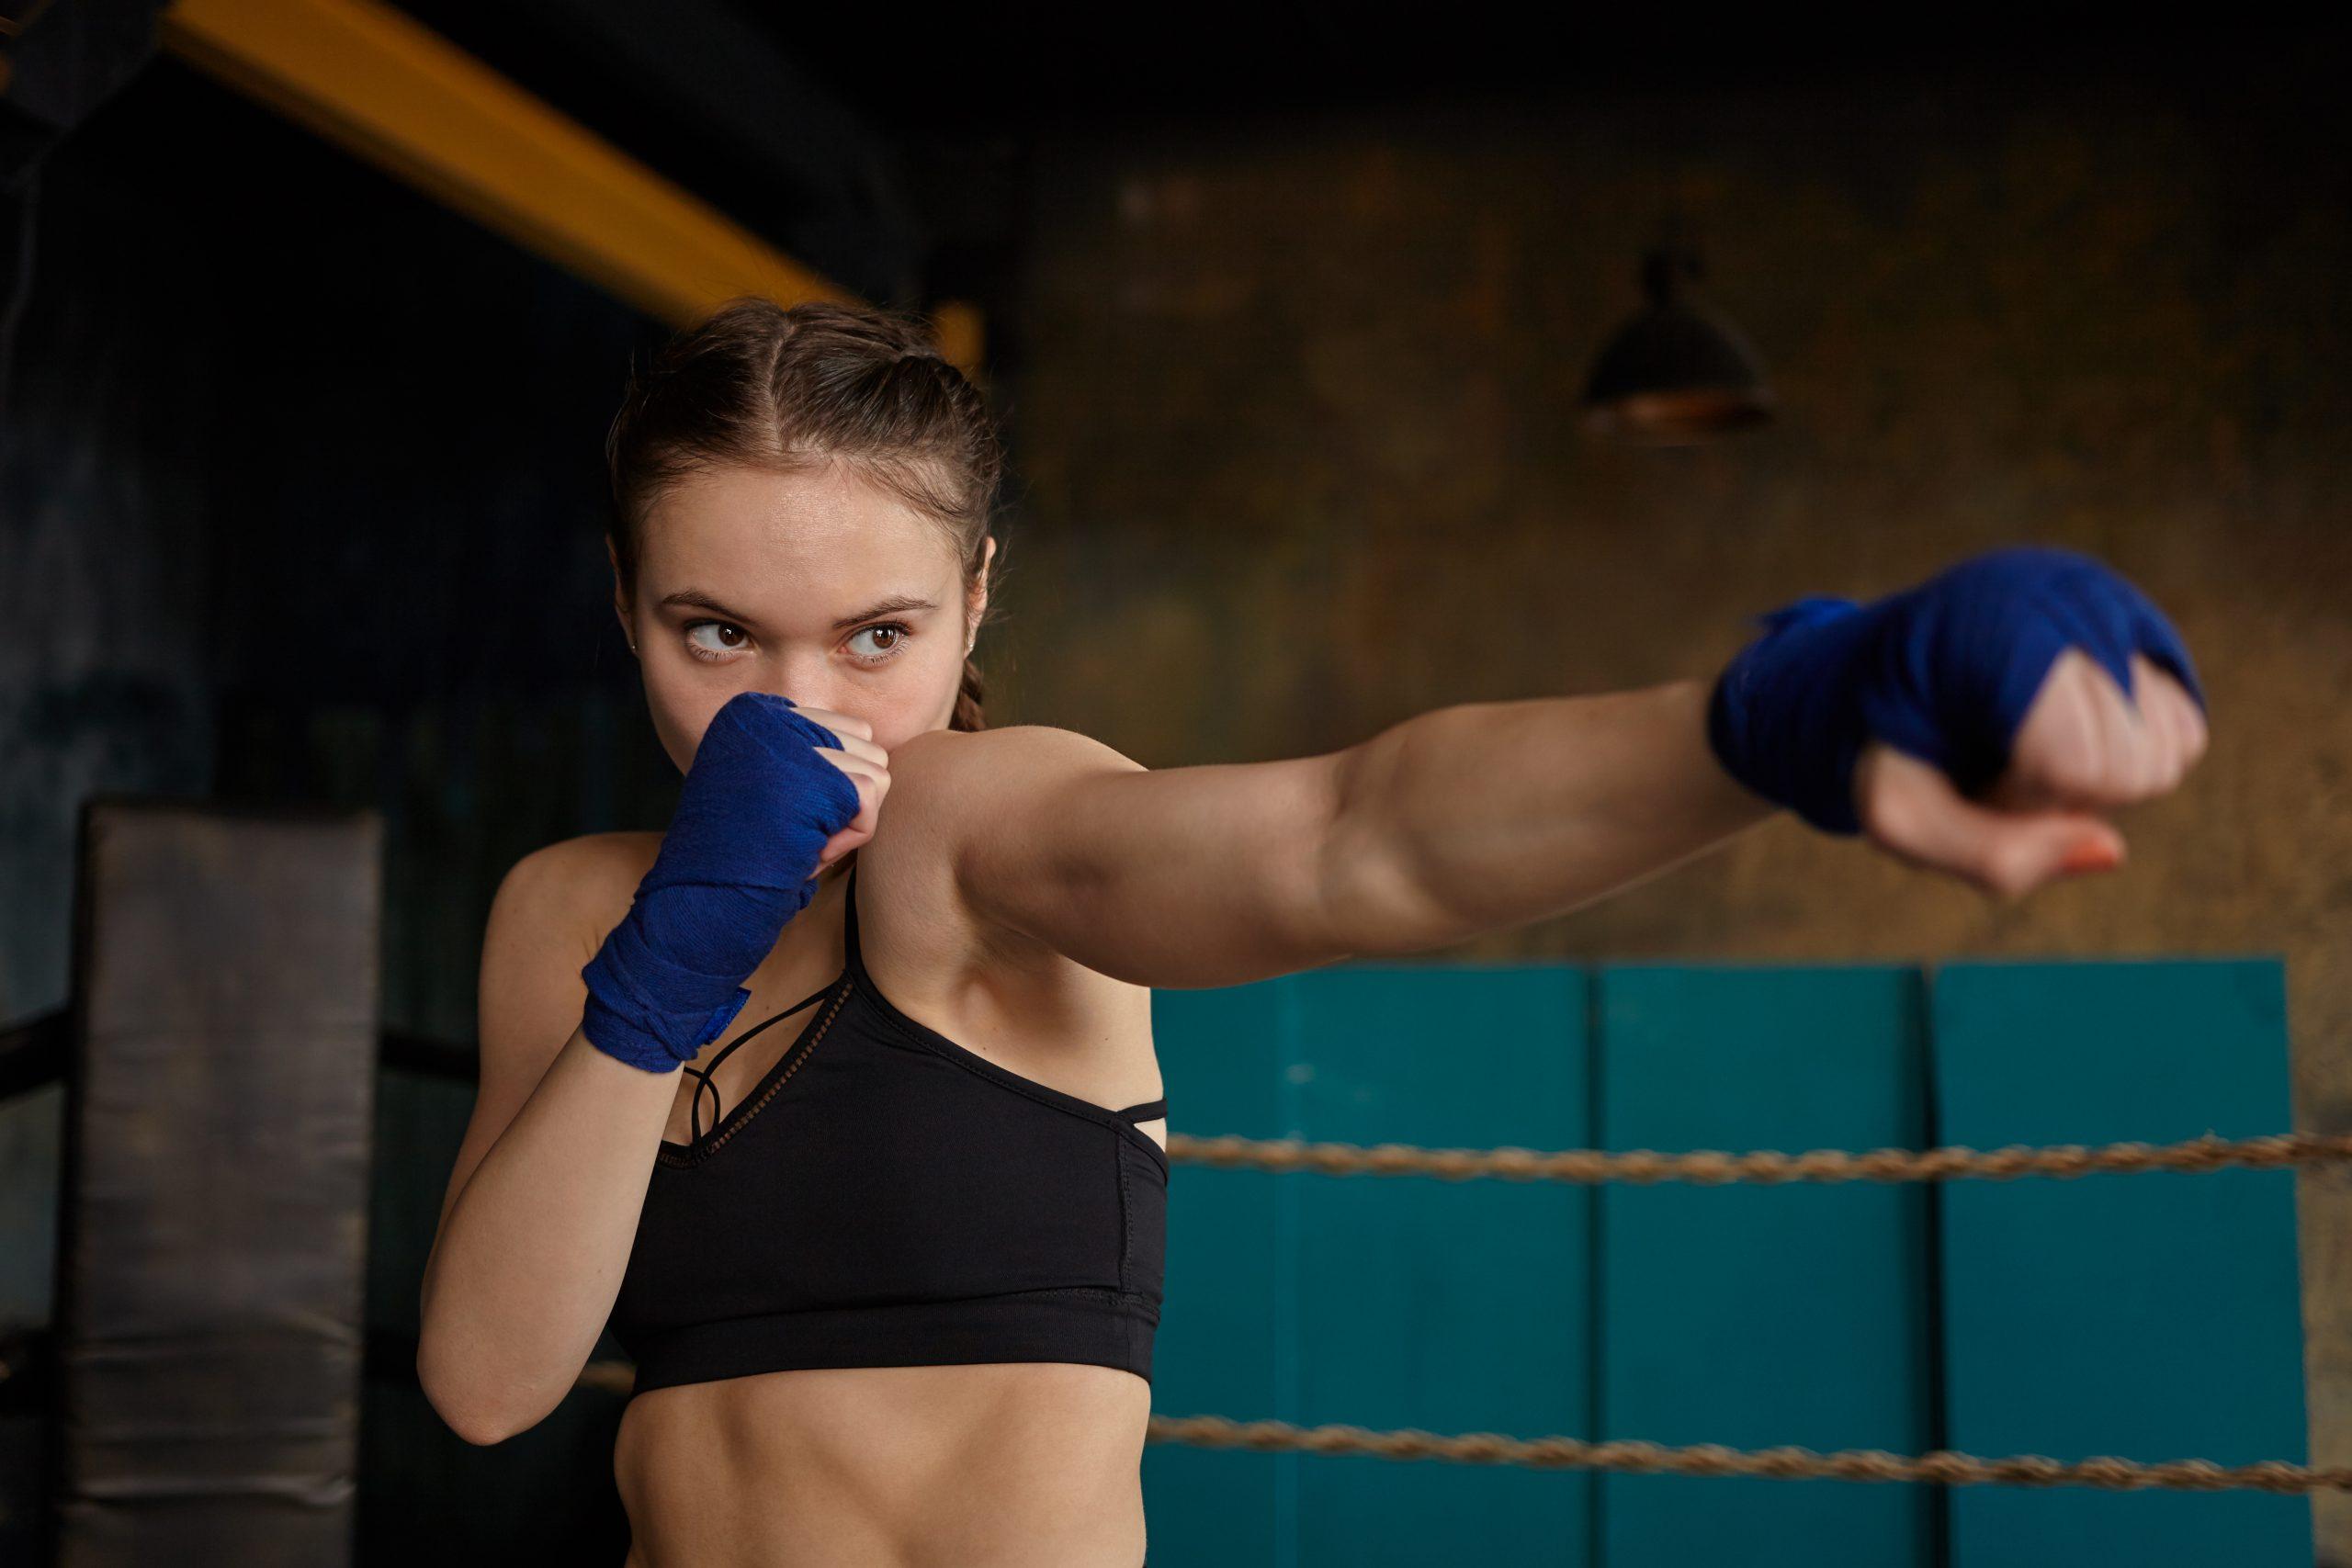 Jaki wpływ na kobiecą figurę mają sztuki walki?